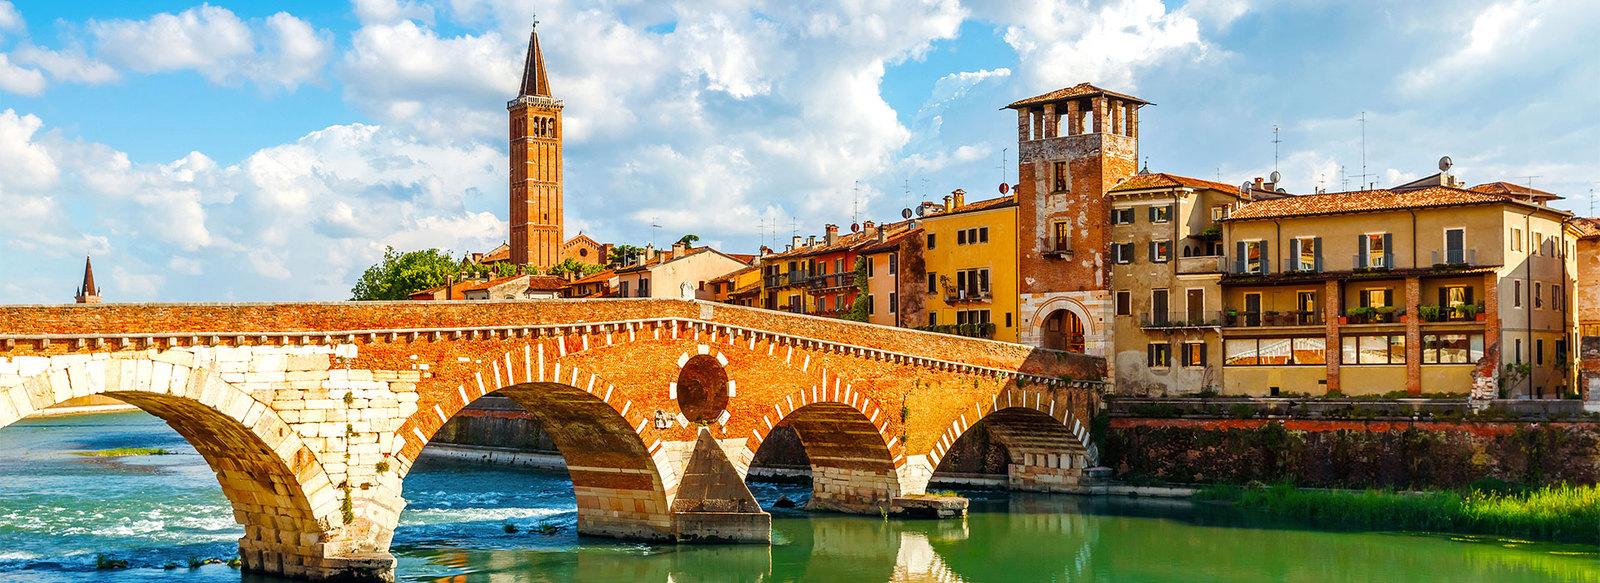 Nella zona fieristica di Verona